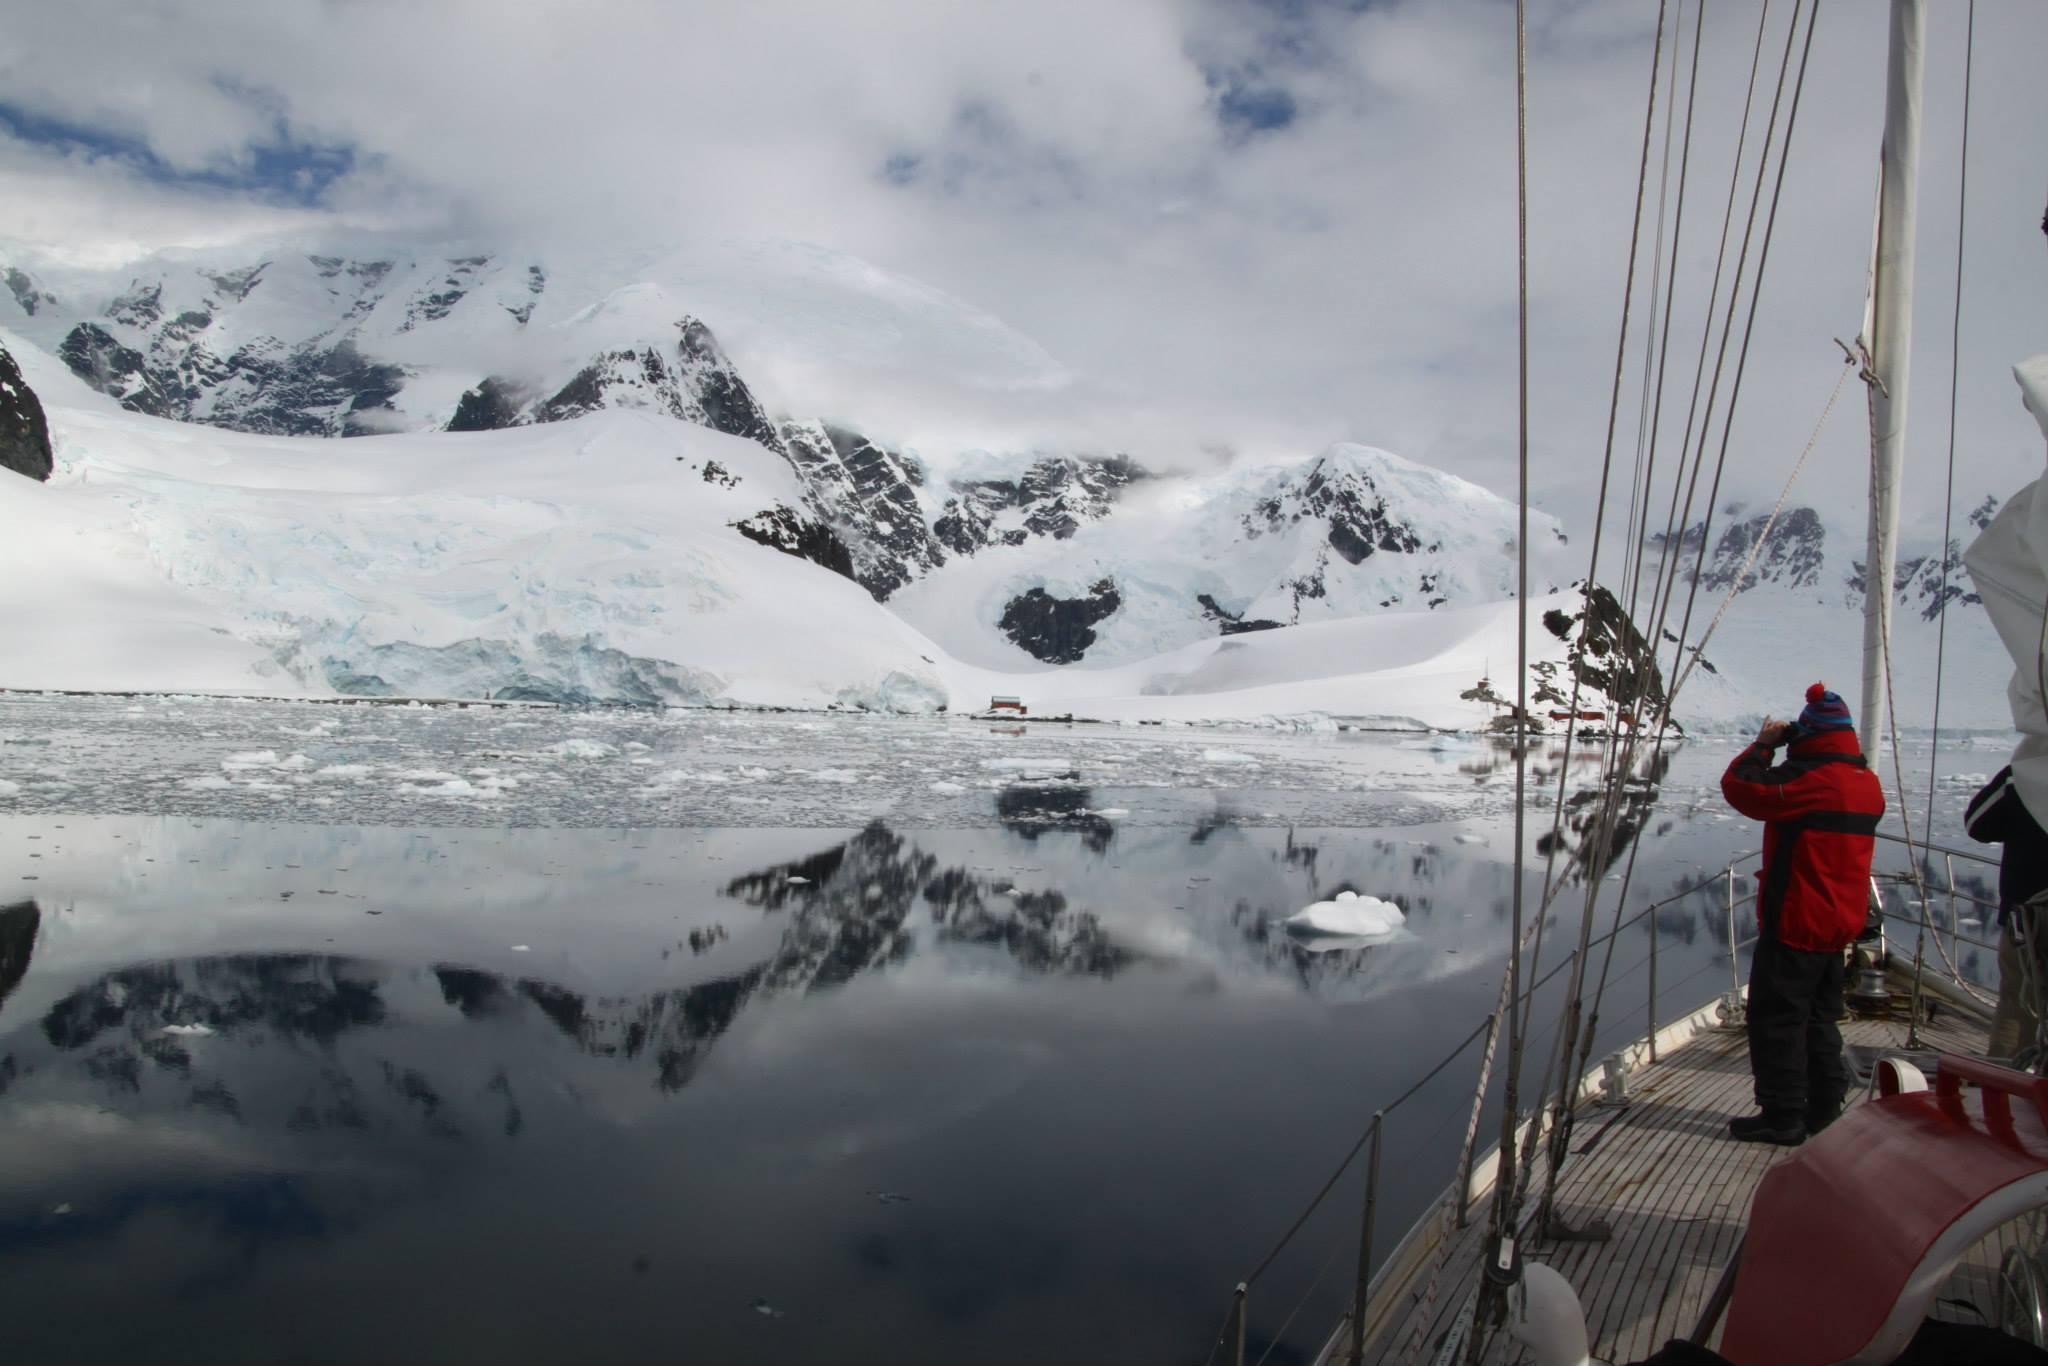 שייט באנטרקטיקה - קרחונים - דרך הים